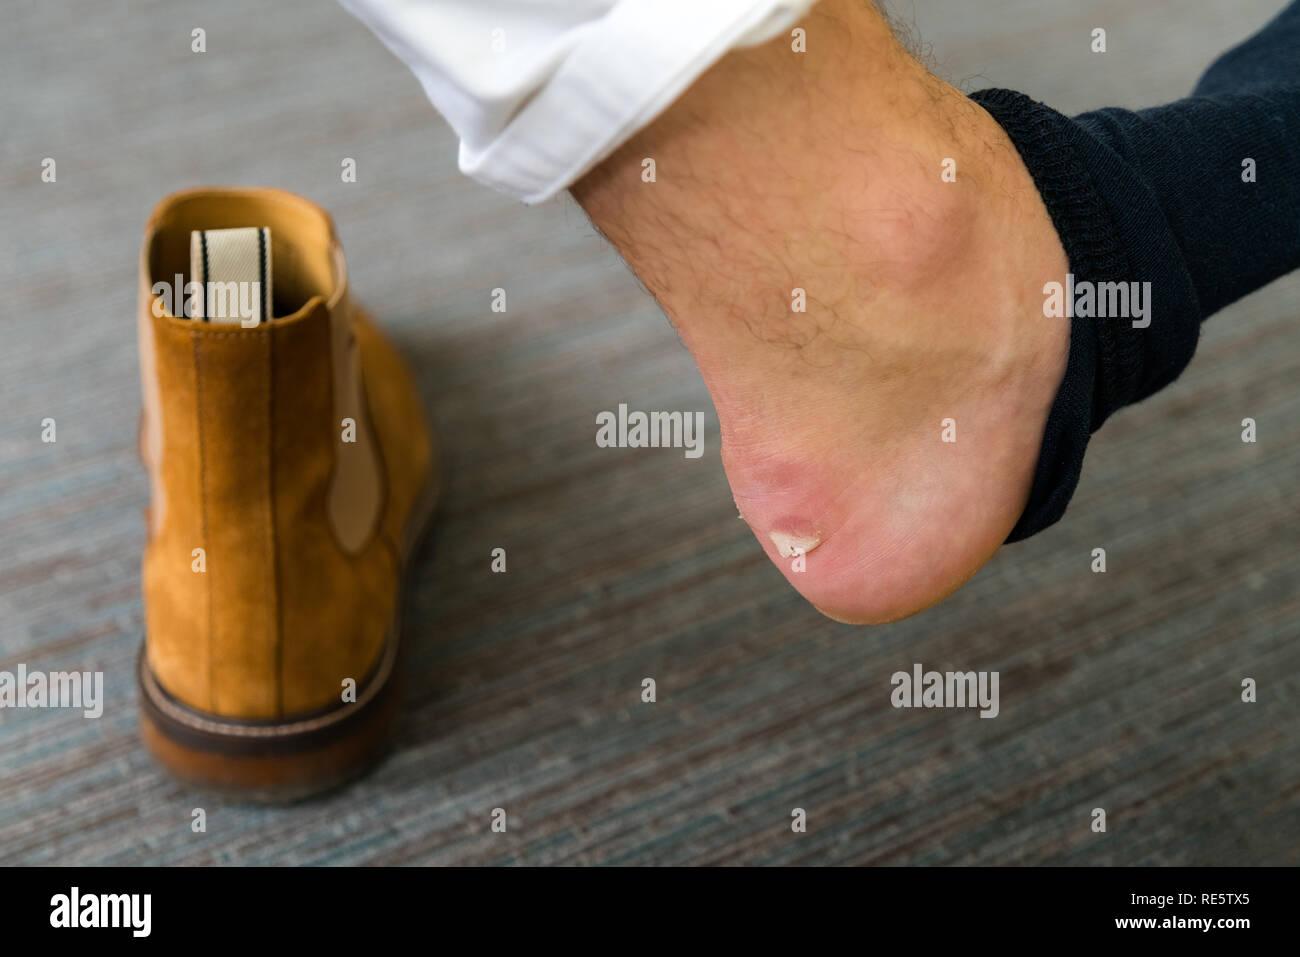 Schmerzhafte Ferse Wunde auf mans Füße durch neue Schuhe verursacht. Knackte schrecklich Blase auf der Ferse mit neuen braunen Mode Schuhe herumliegen. Nasse blutigen Pai Stockbild